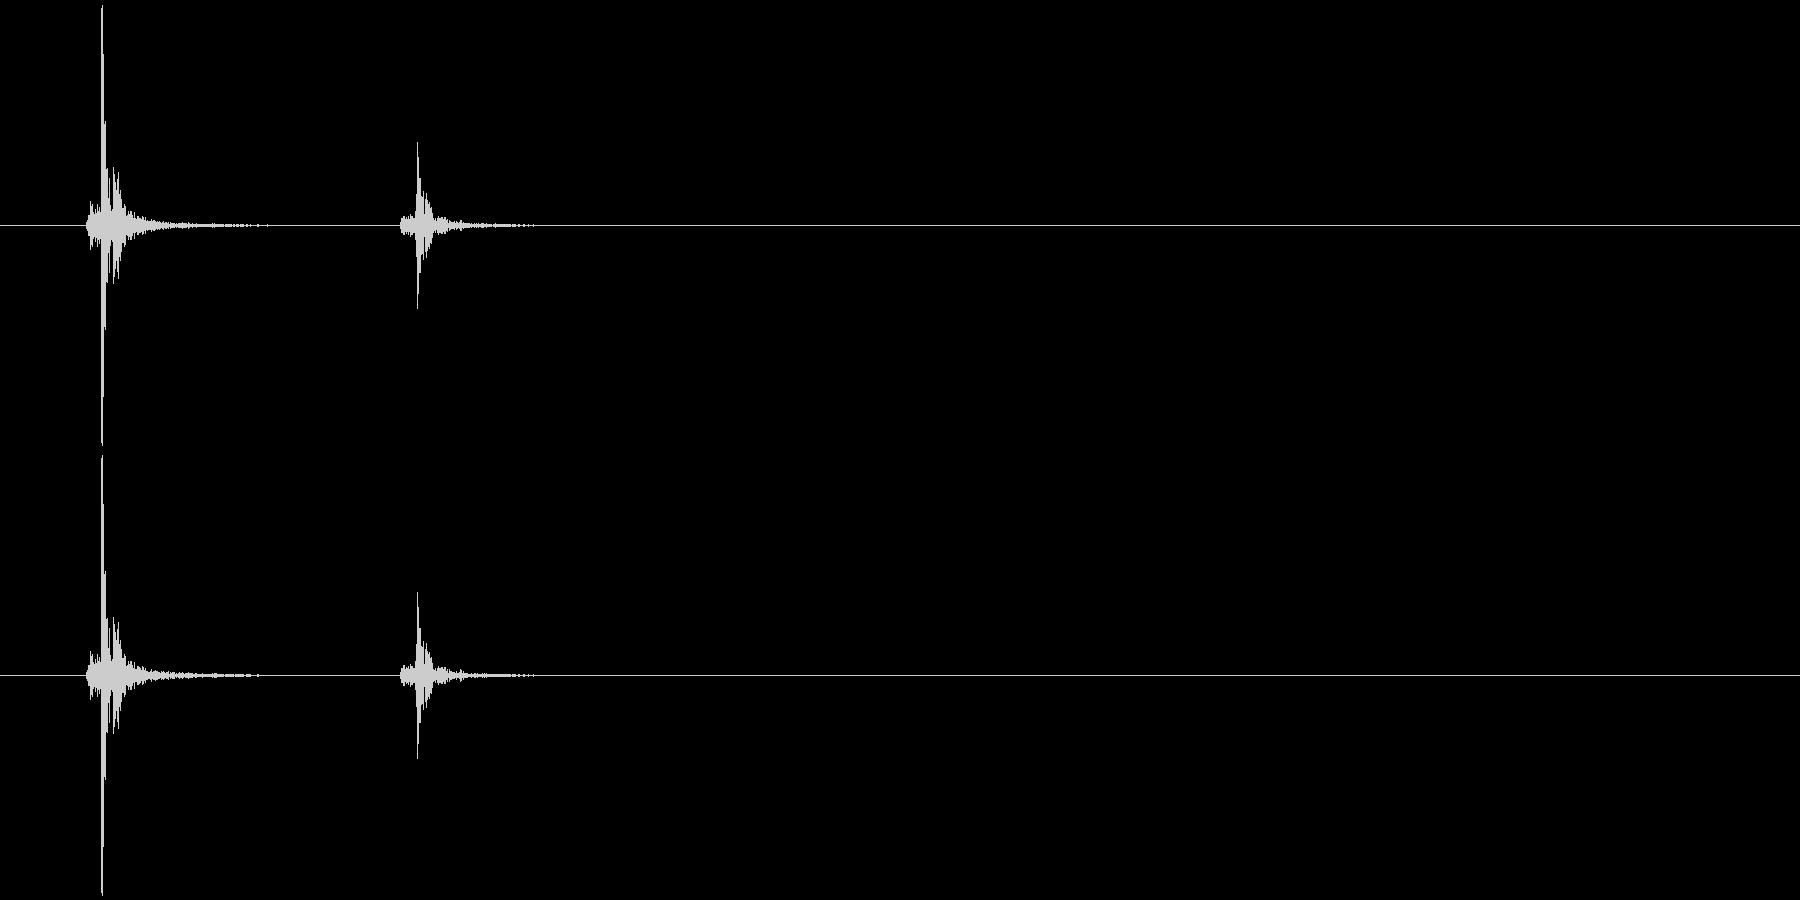 メカニカルキーボード音/青系/A-1の未再生の波形